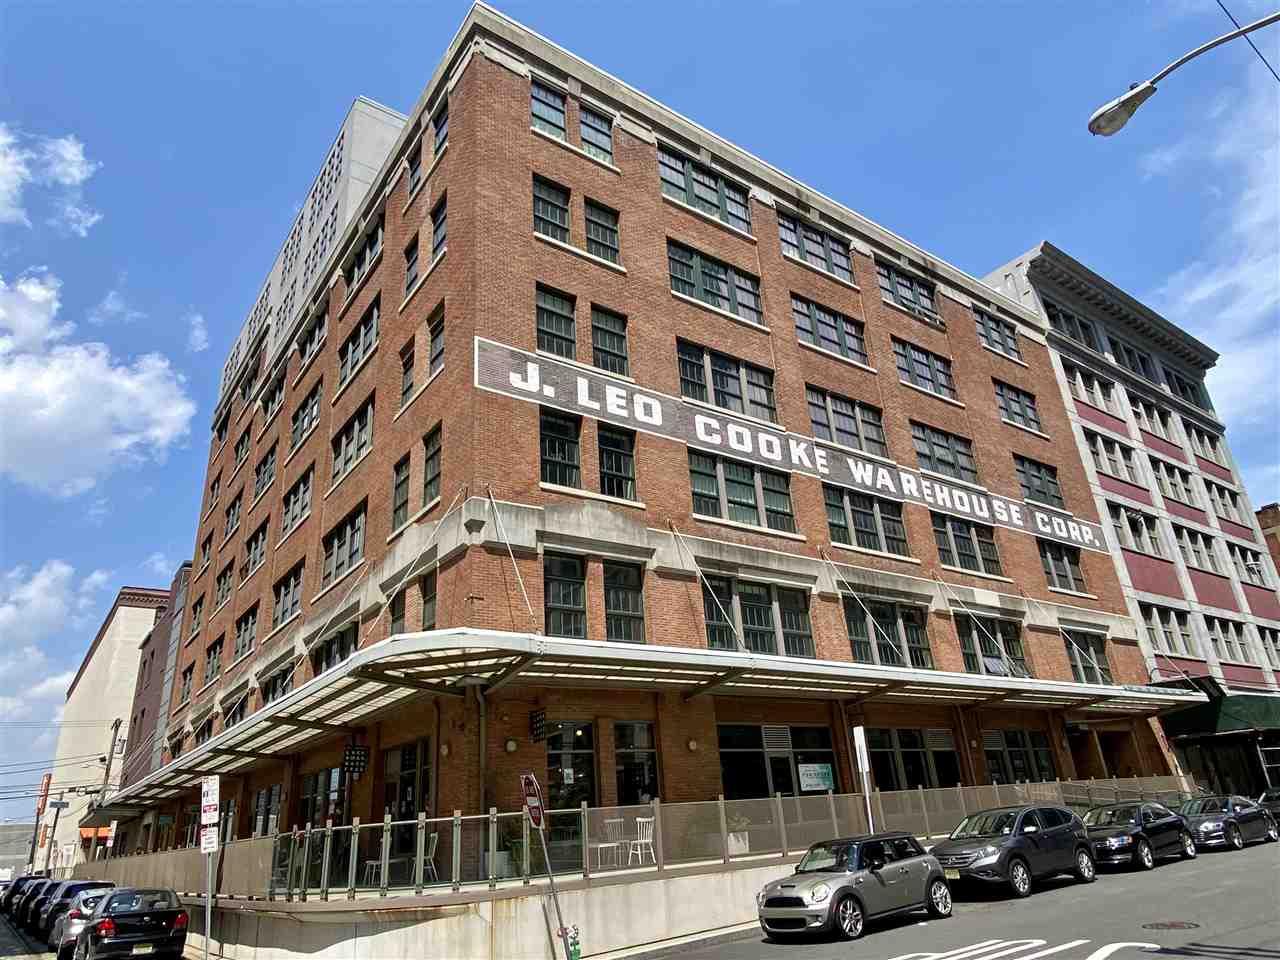 140 BAY ST 4C, JC, Downtown, NJ 07302